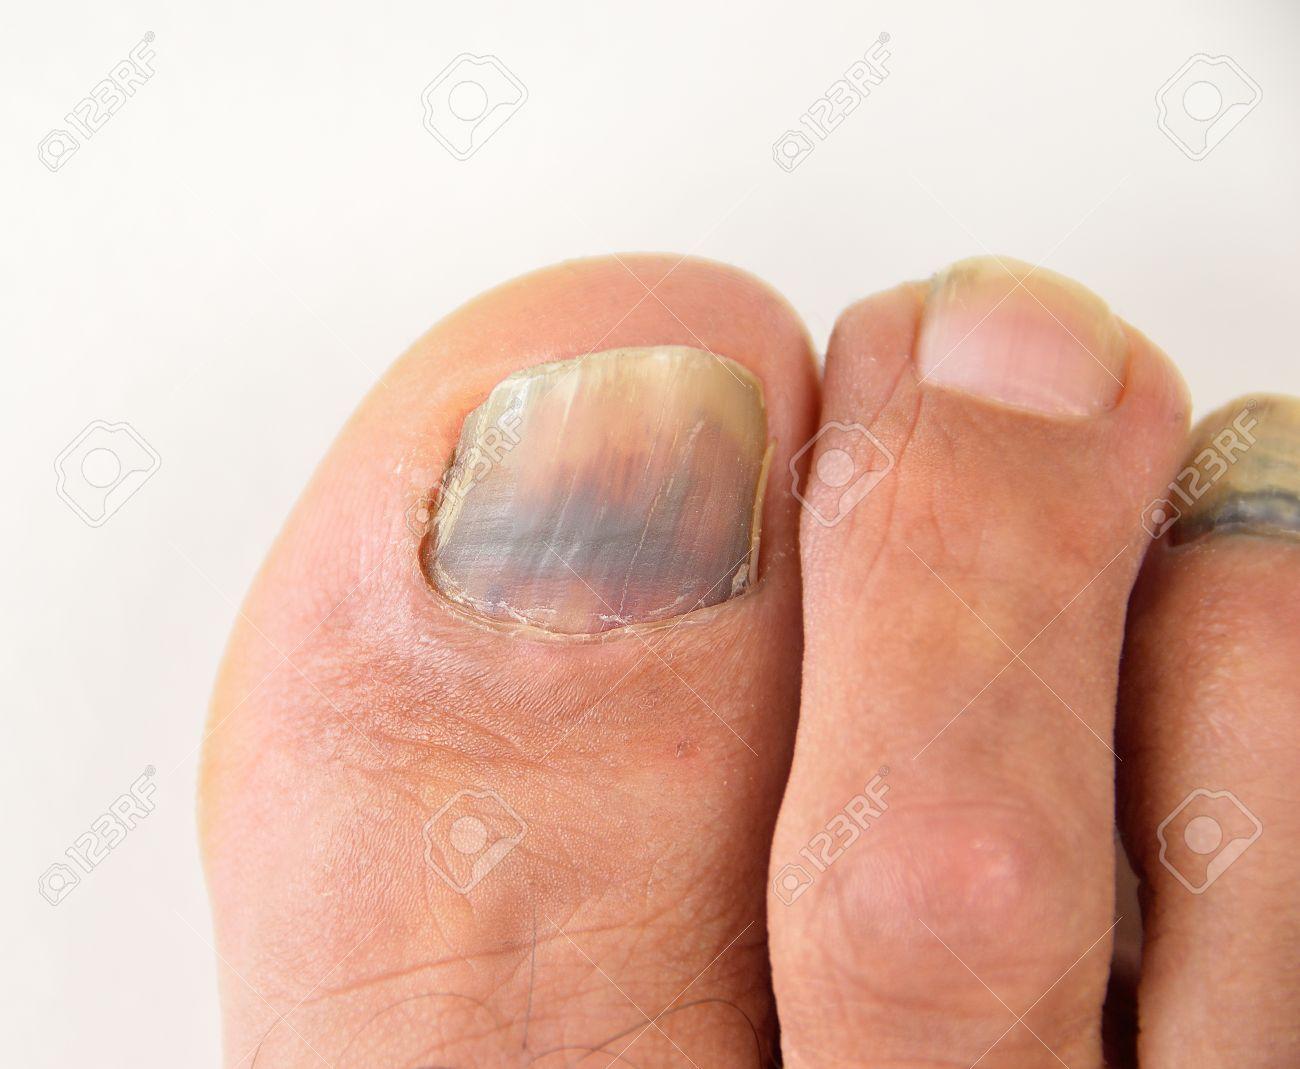 Close Up Of Subungual Hematoma Blue And Black Toe Nail Stock Photo ...